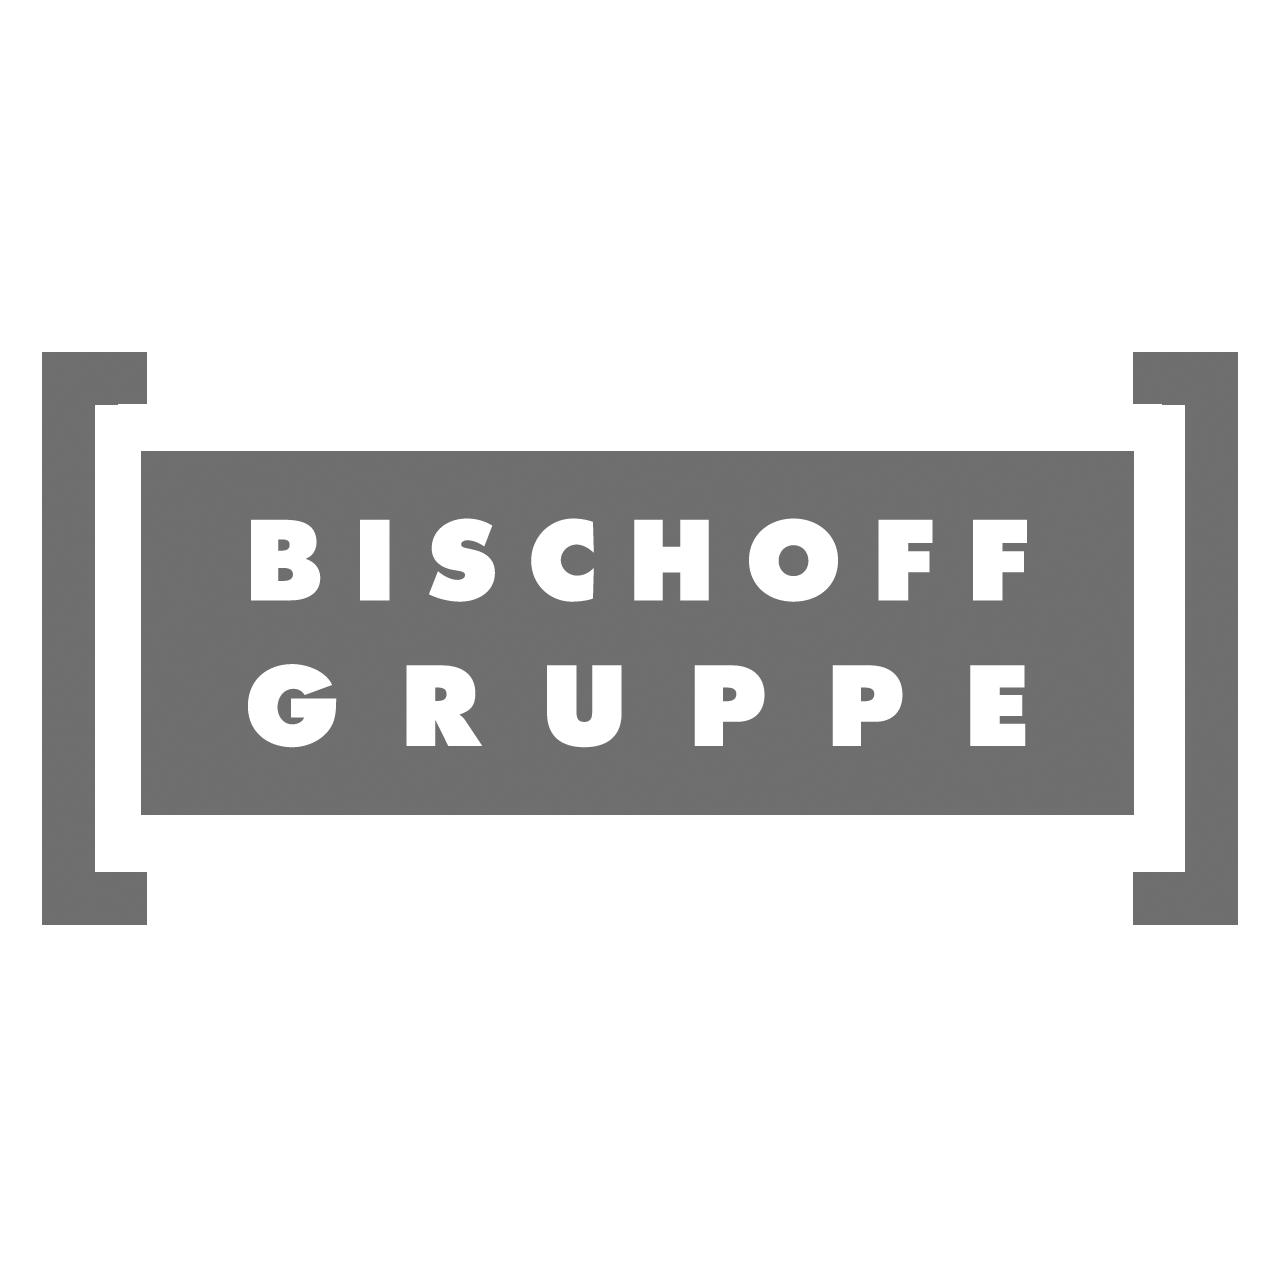 Logo Bischoff-Gruppe, black & white